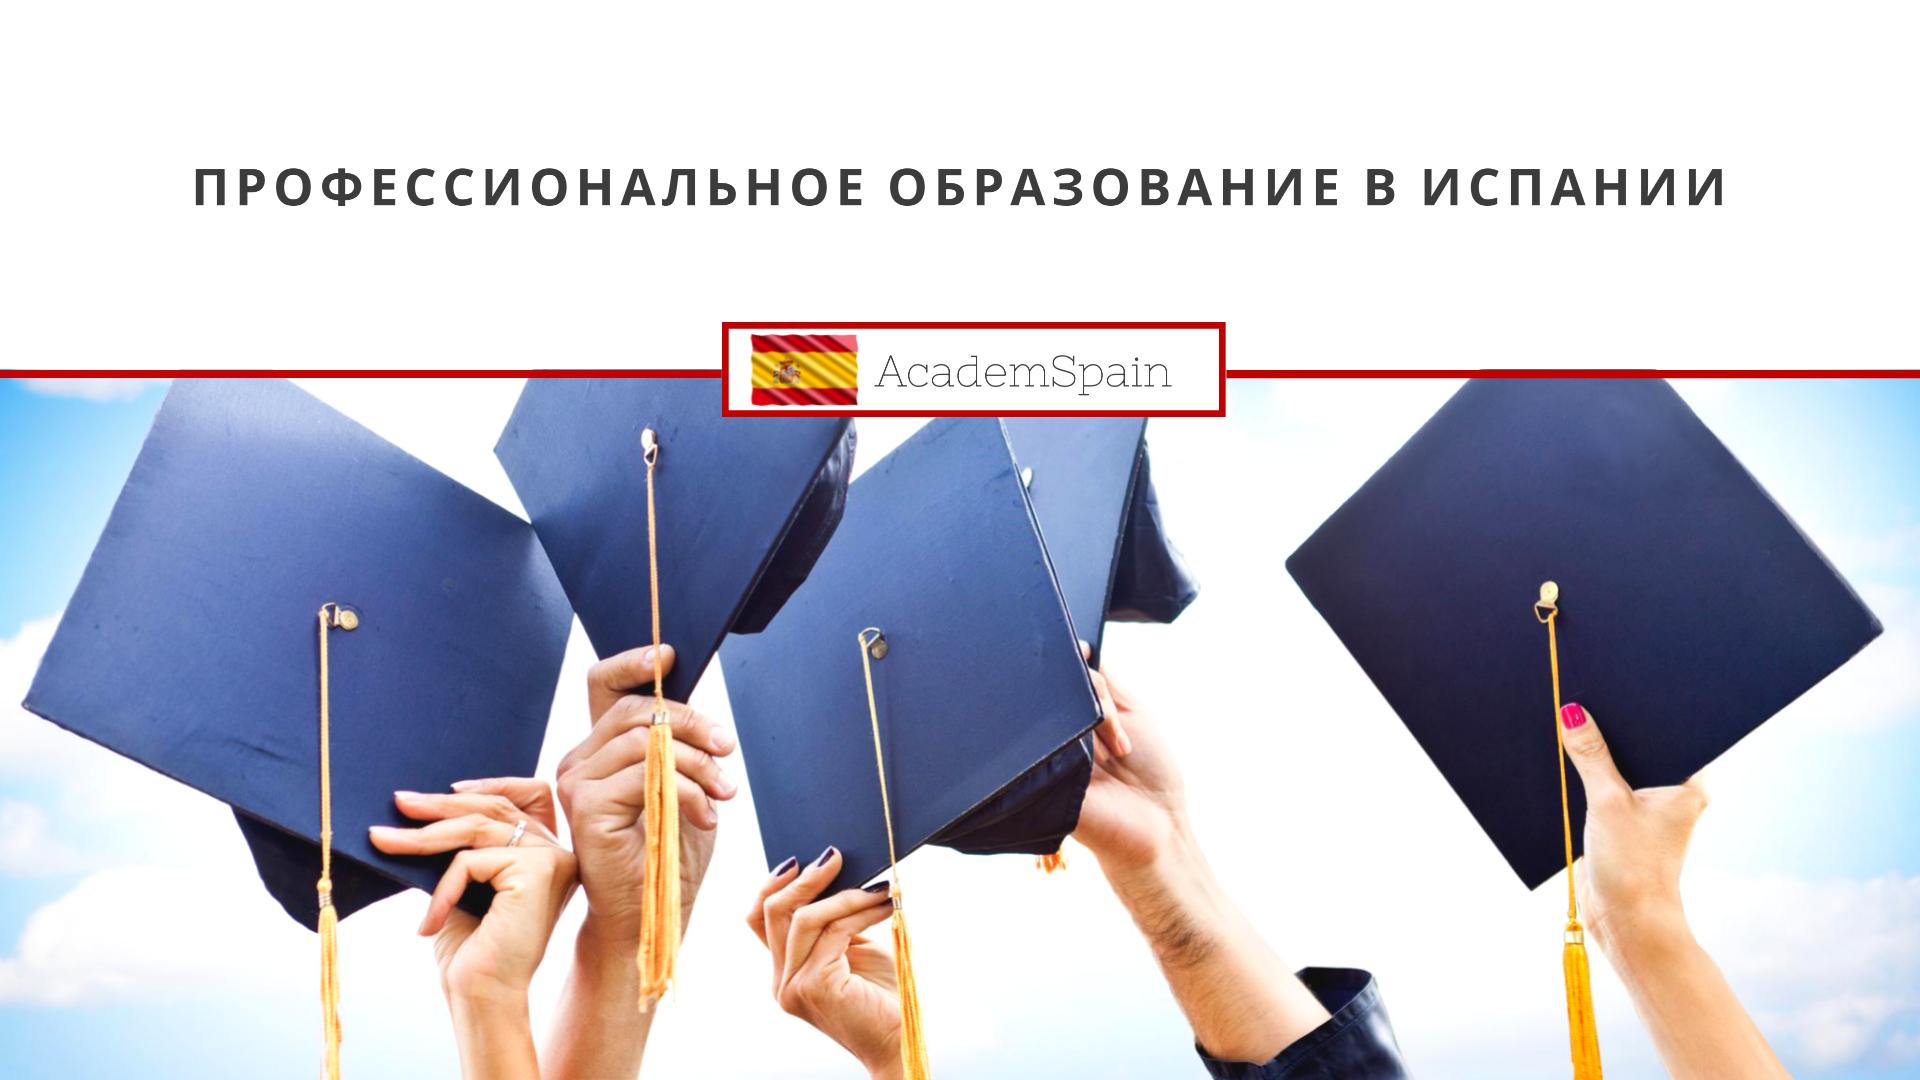 Профессиональное образование в Испании